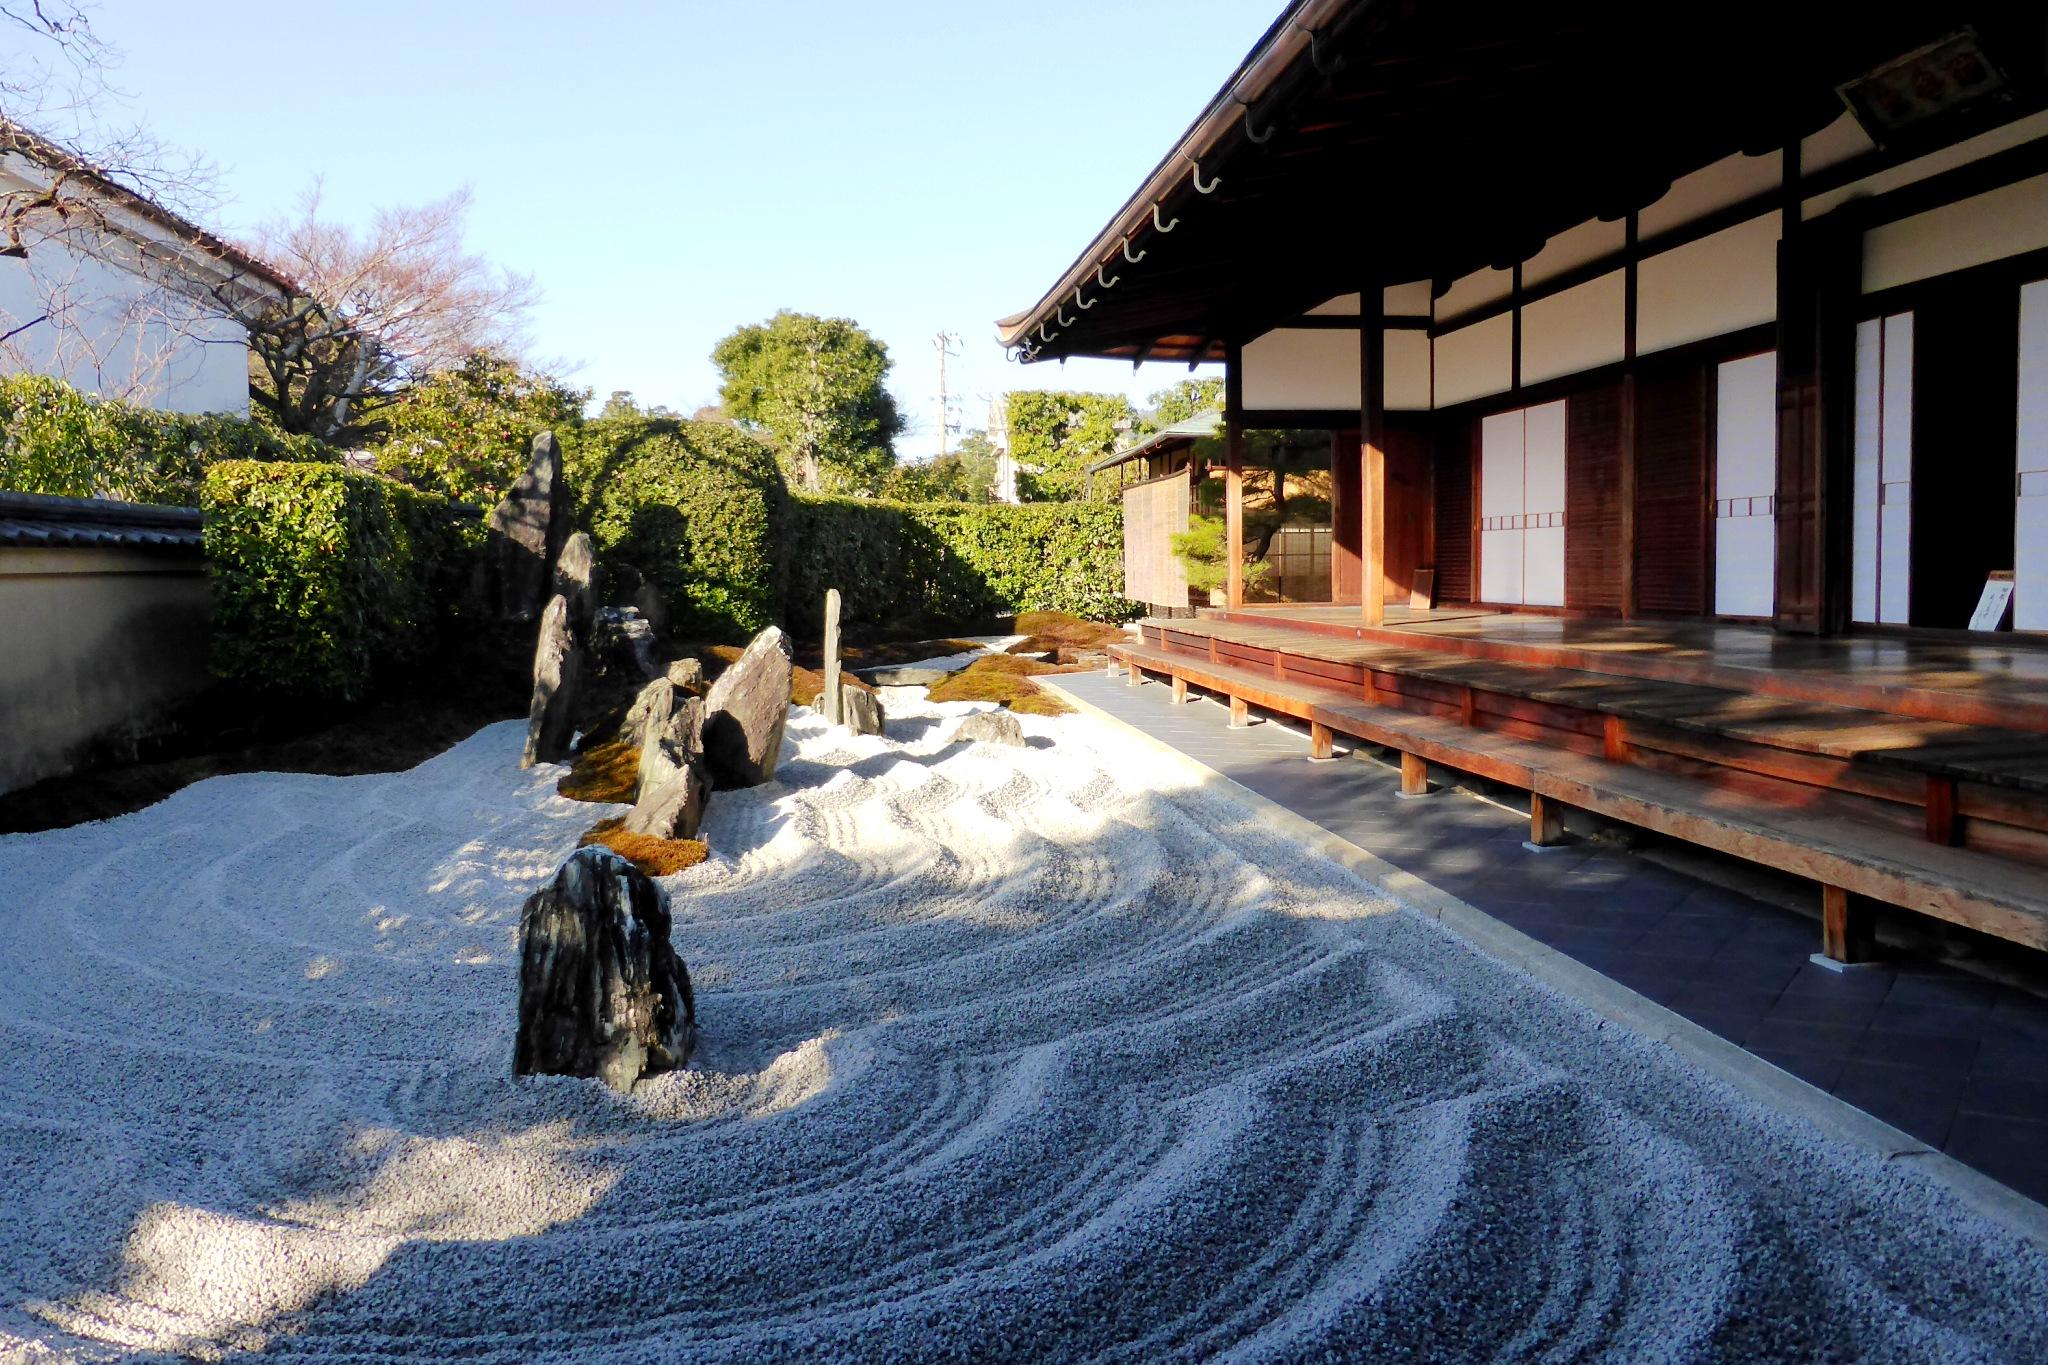 Zuiho-in, Dokuza-tei (Garden)